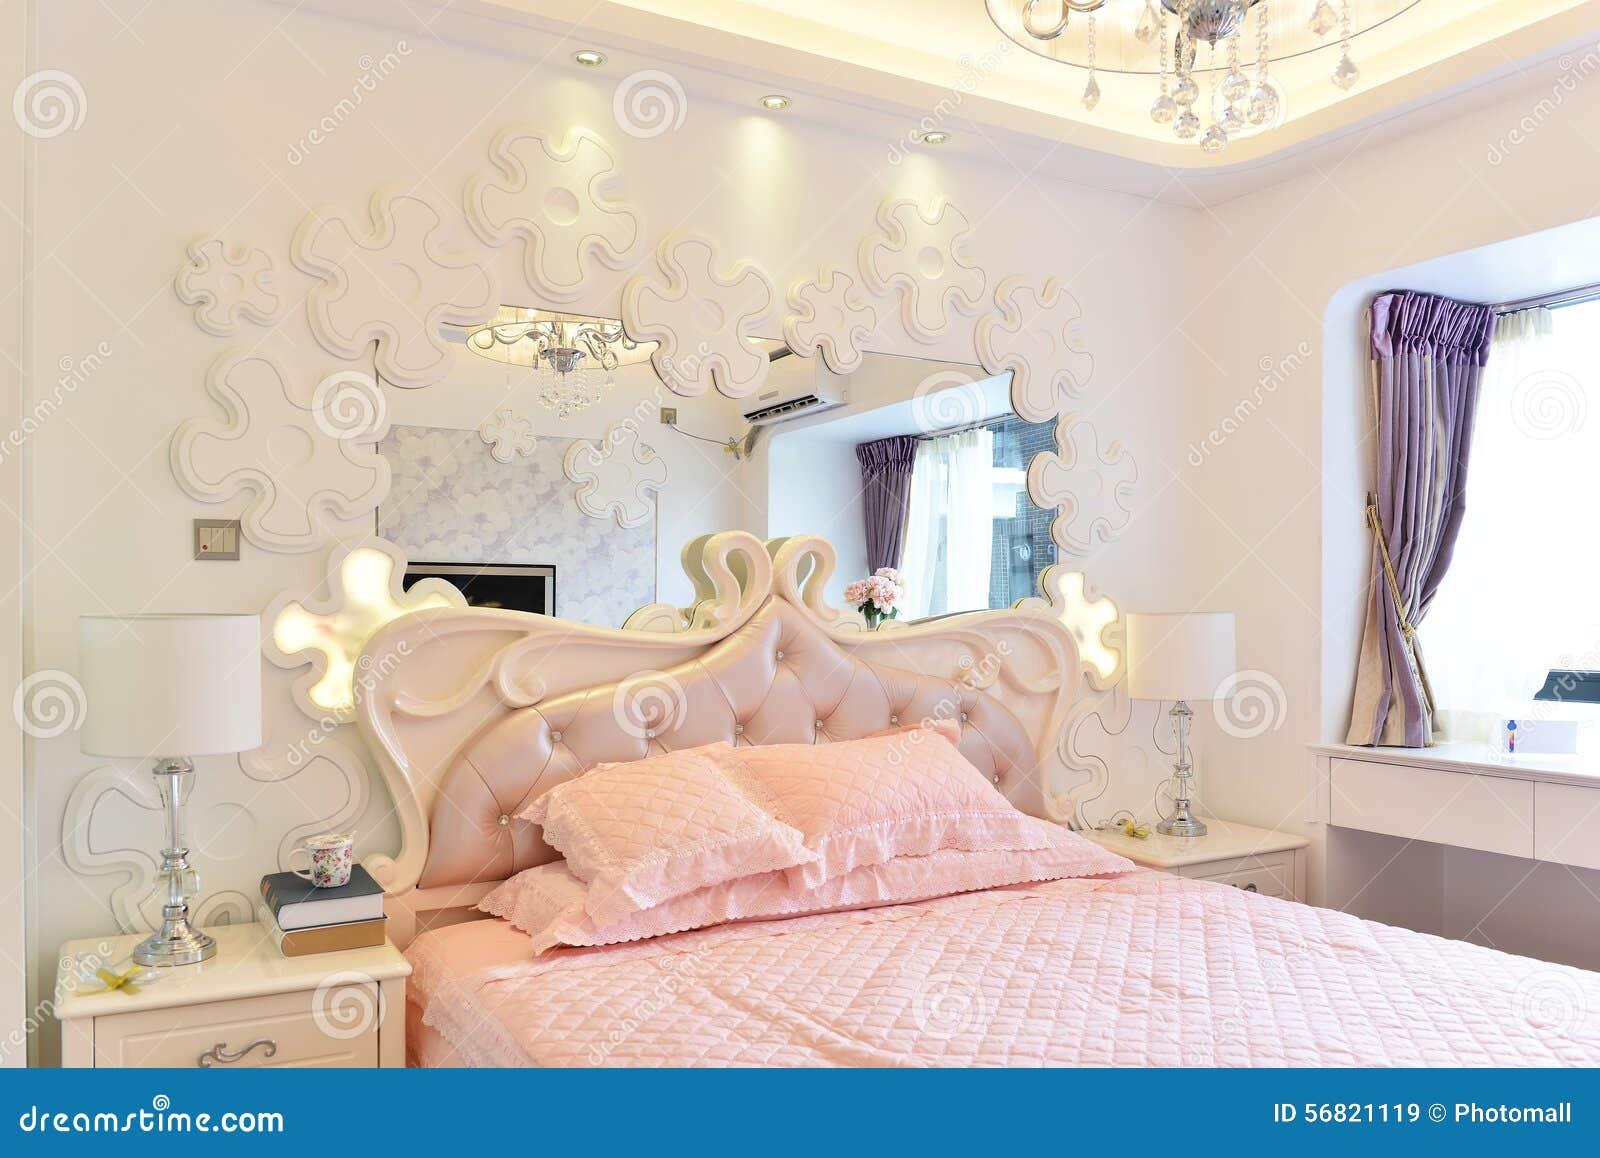 Camera Letto Rosa : Camera da letto rosa immagine stock immagine di mobilia